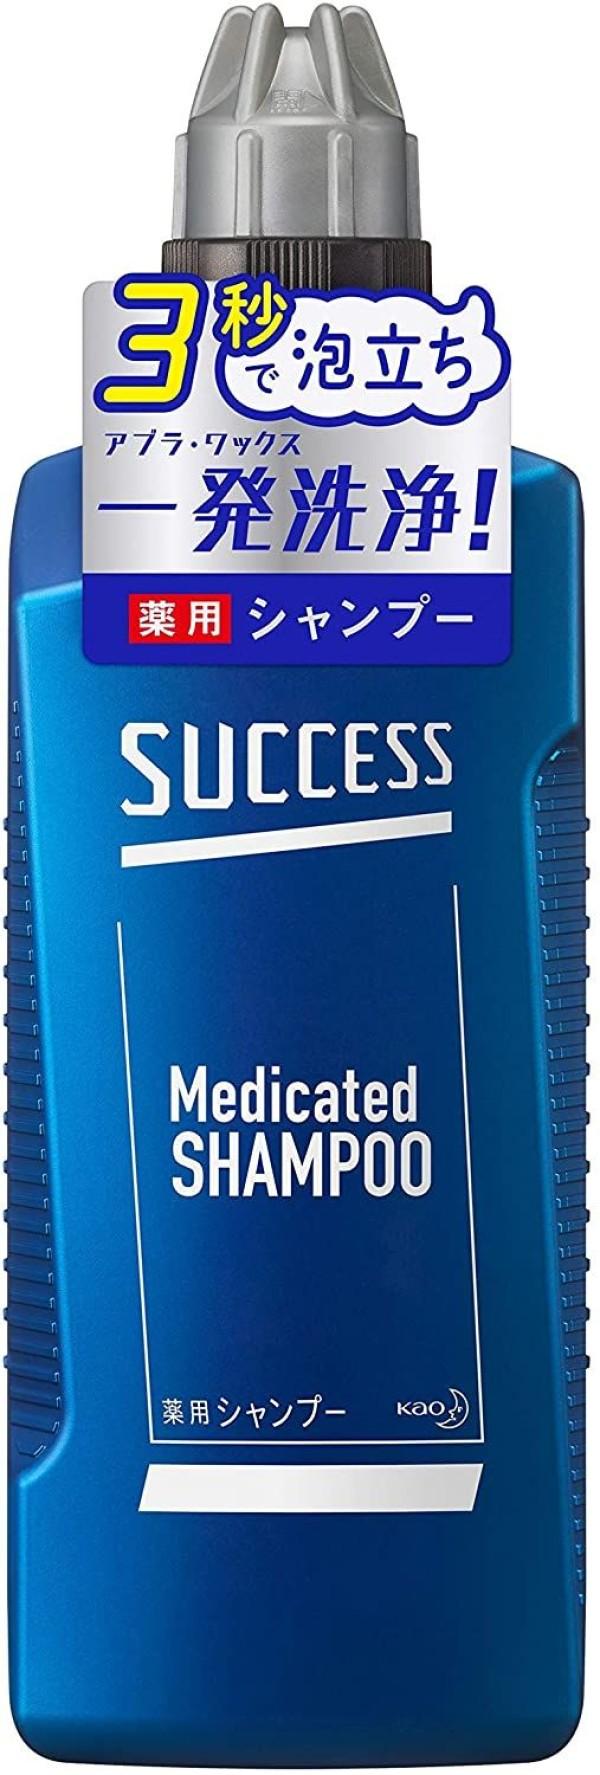 Мужской шампунь для кожи головы Kao Success Medicated Shampoo